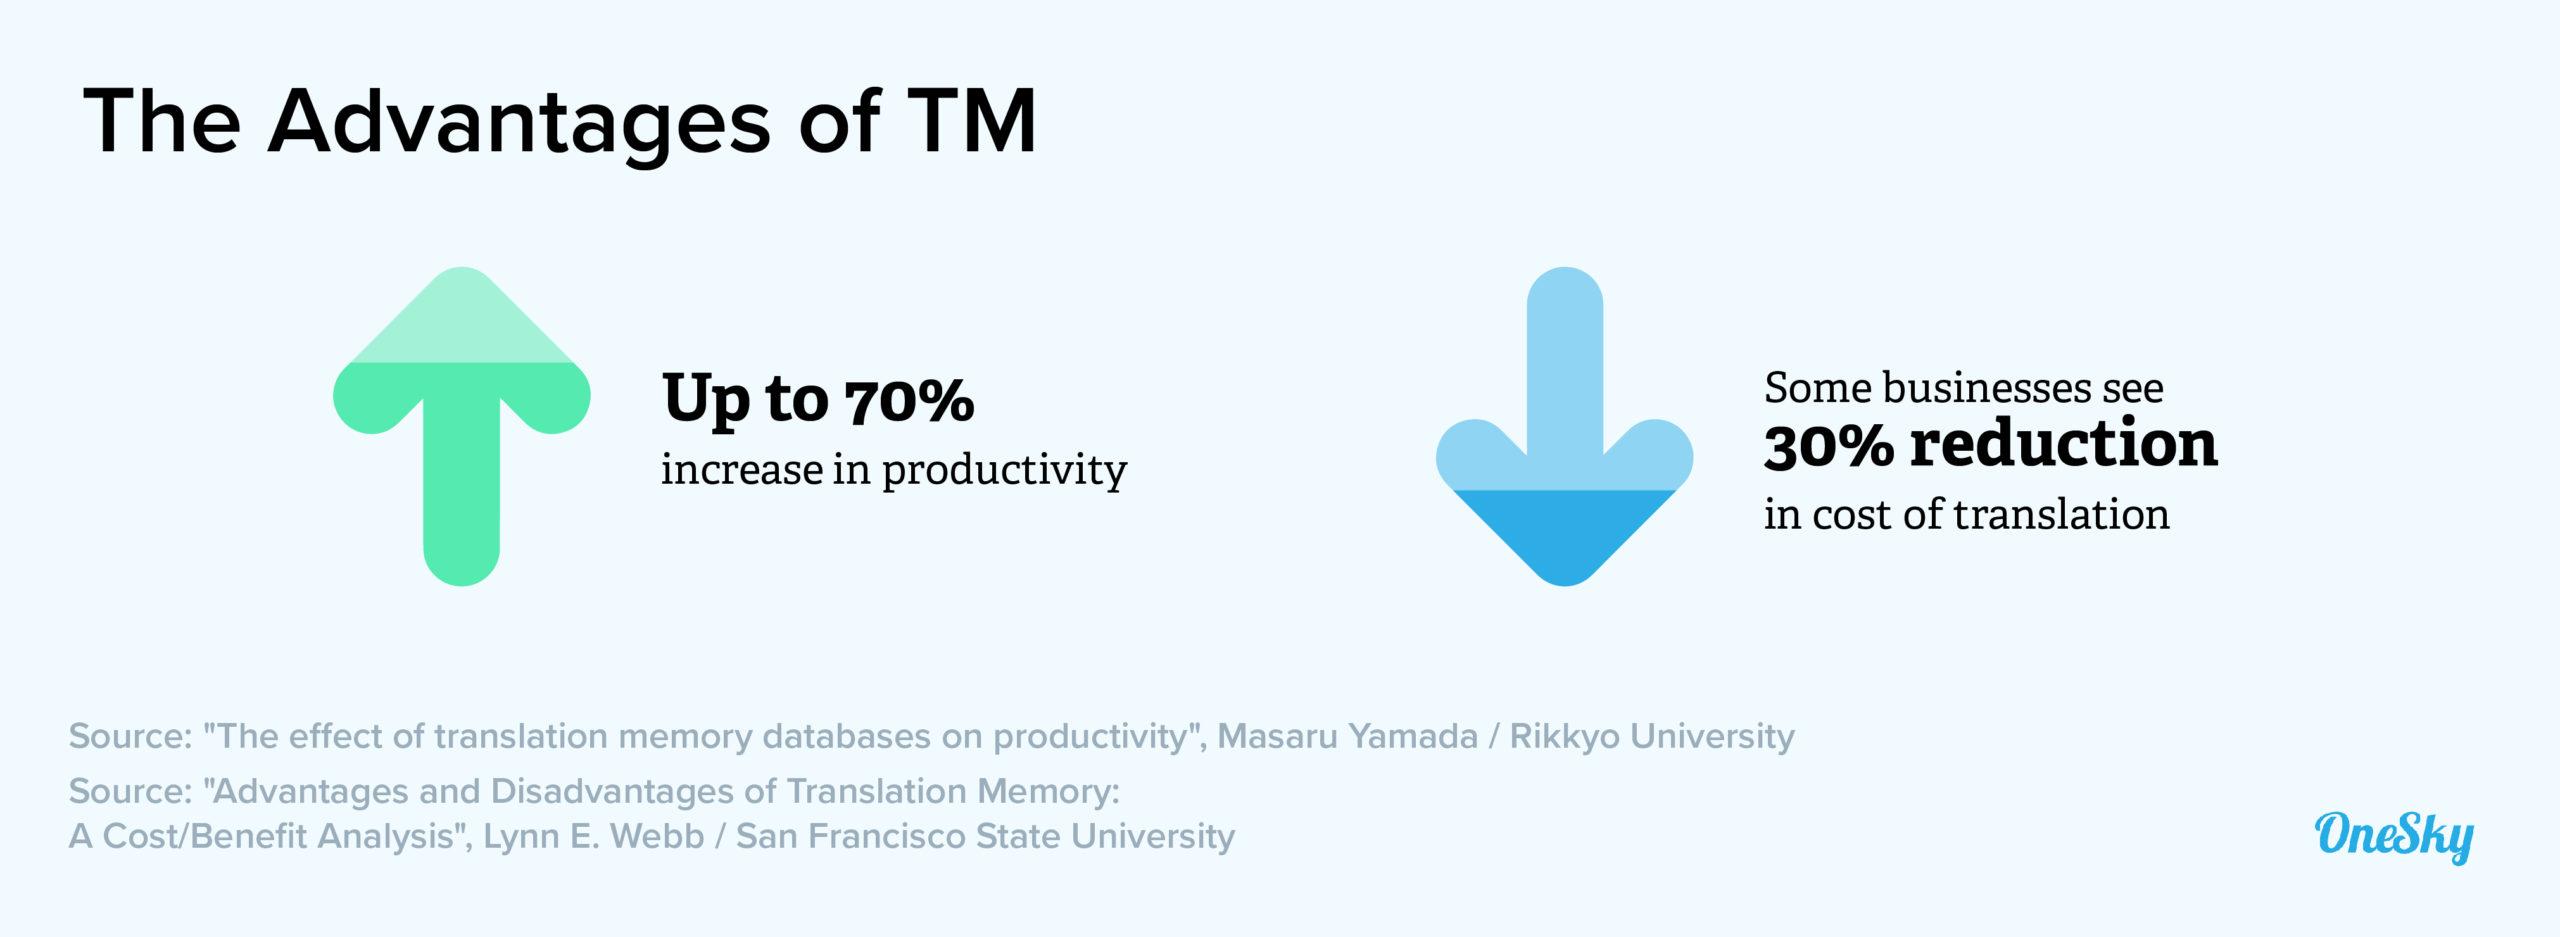 advantages of tm